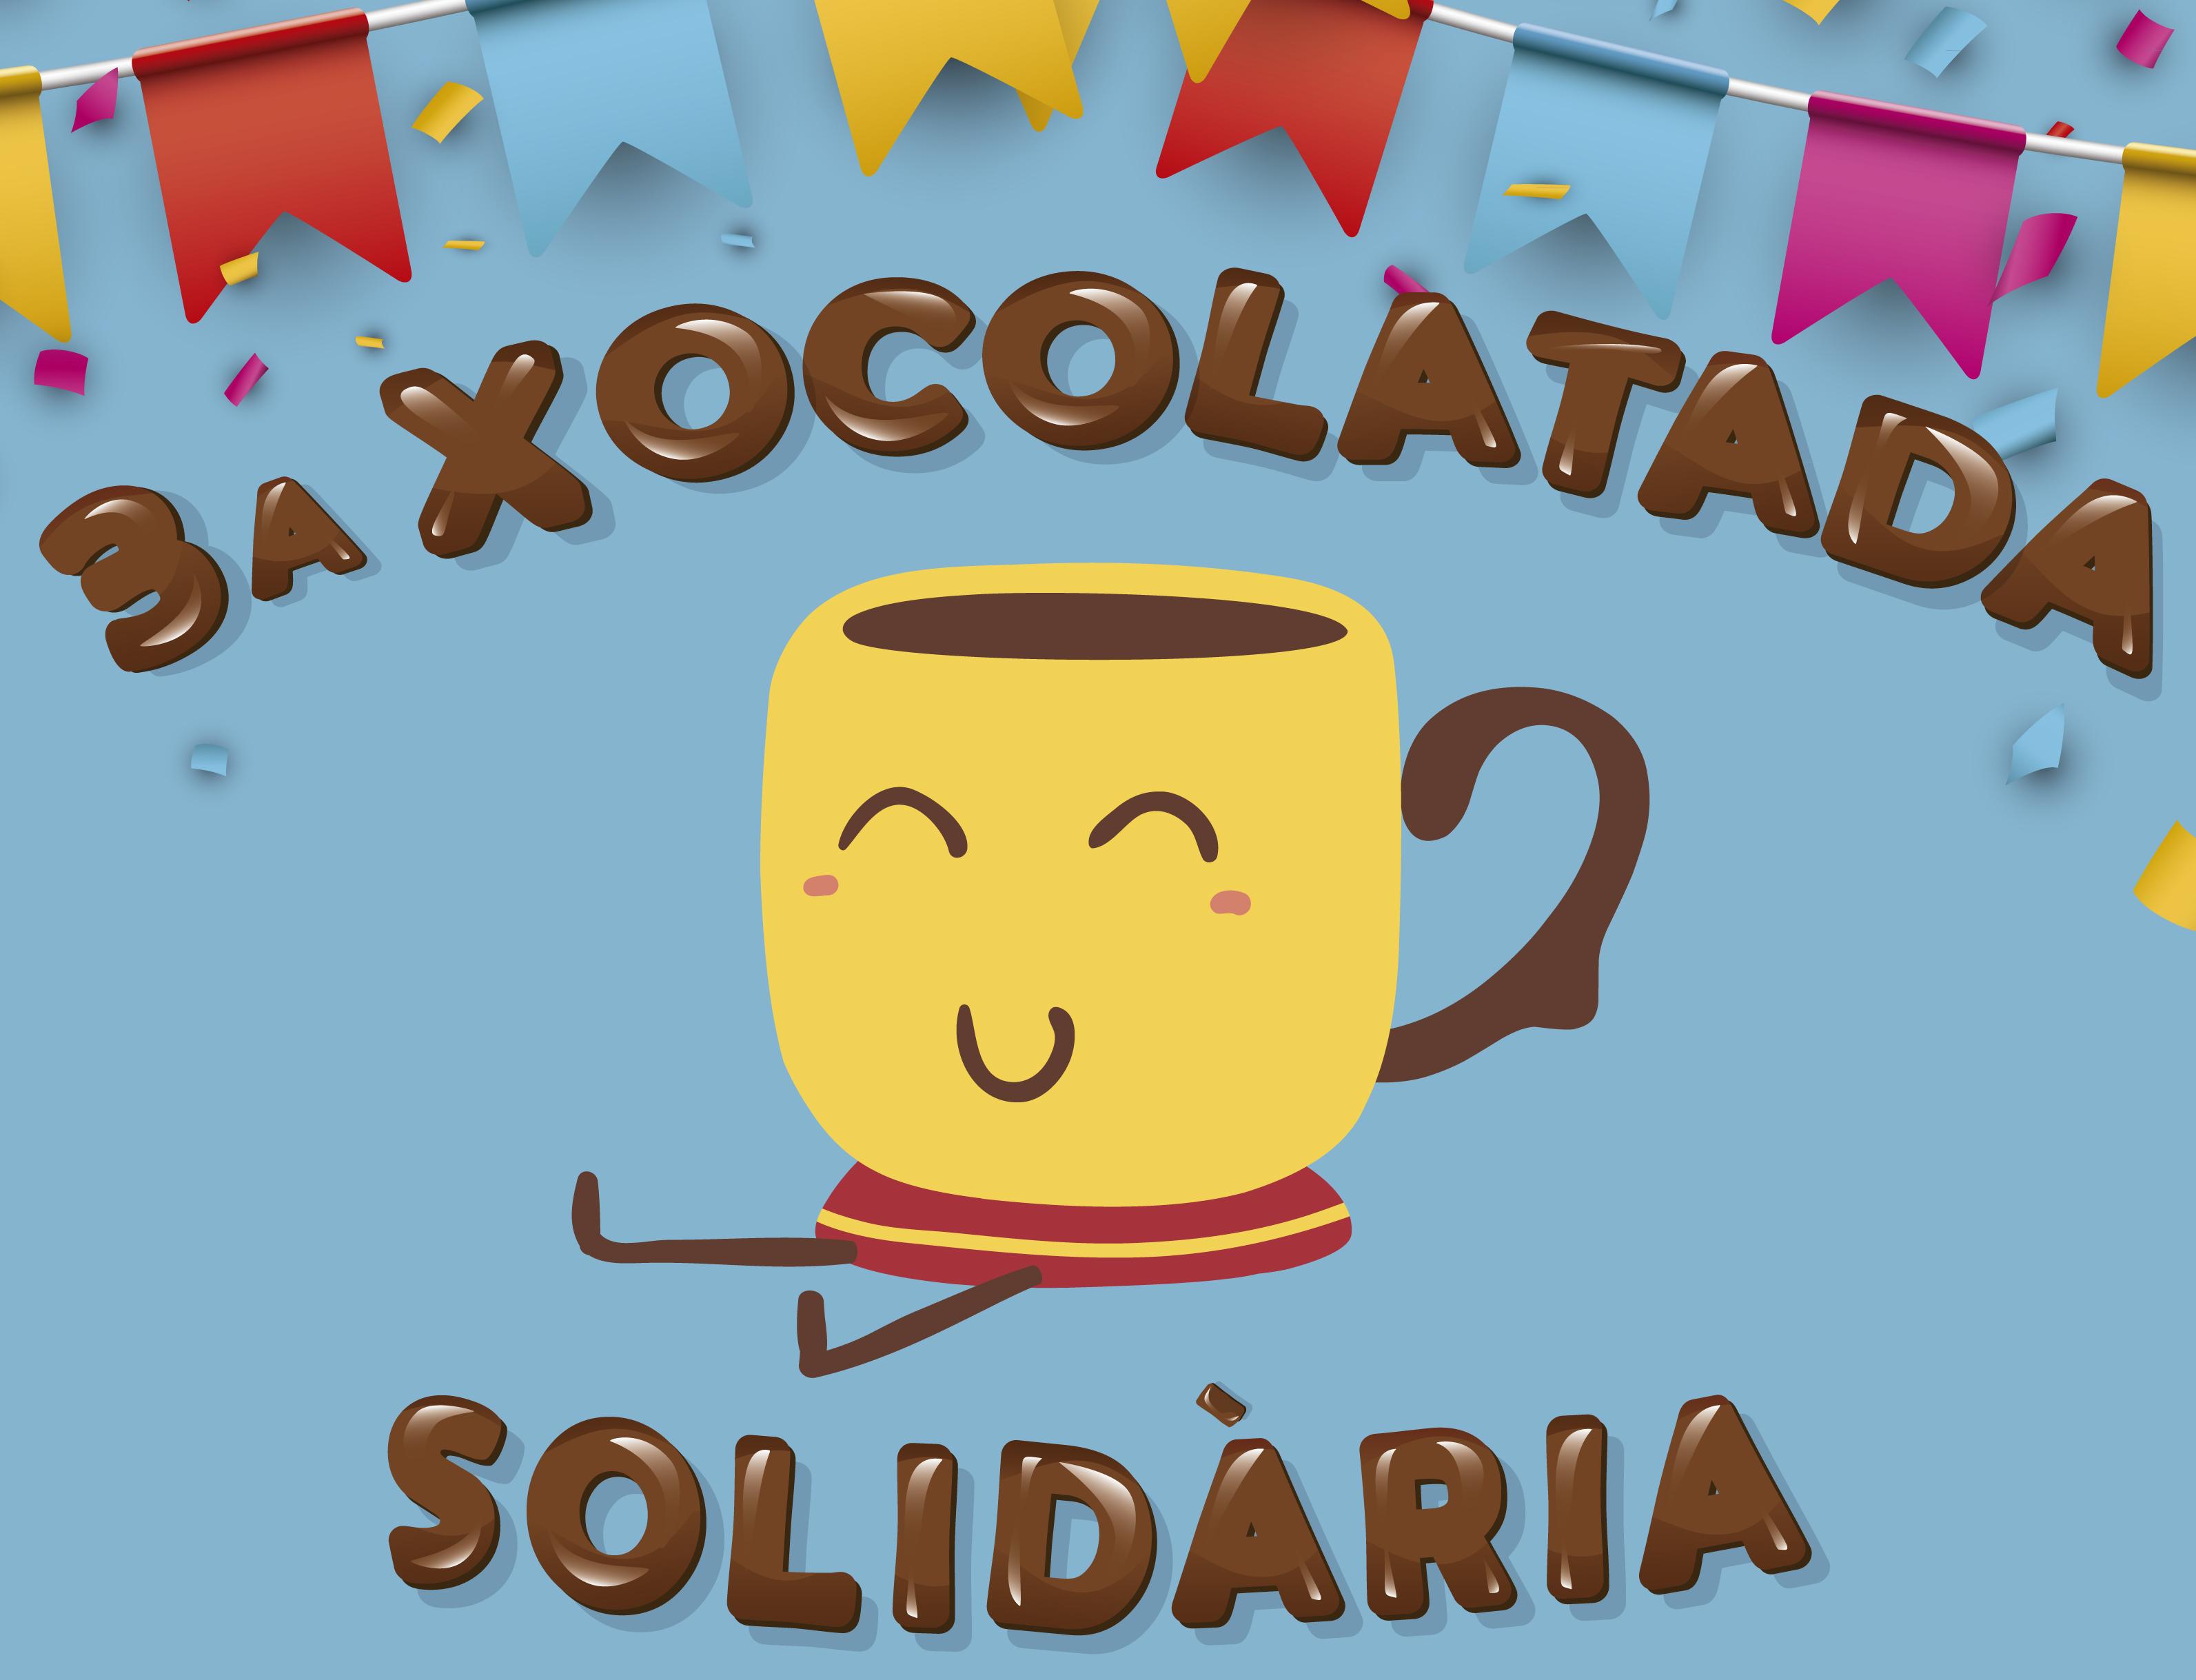 La 3a edició de la Xocolatada Solidària contra el càncer infantil serà el 21 de febrer al Ferran i Clua i a l'Escola Bressol